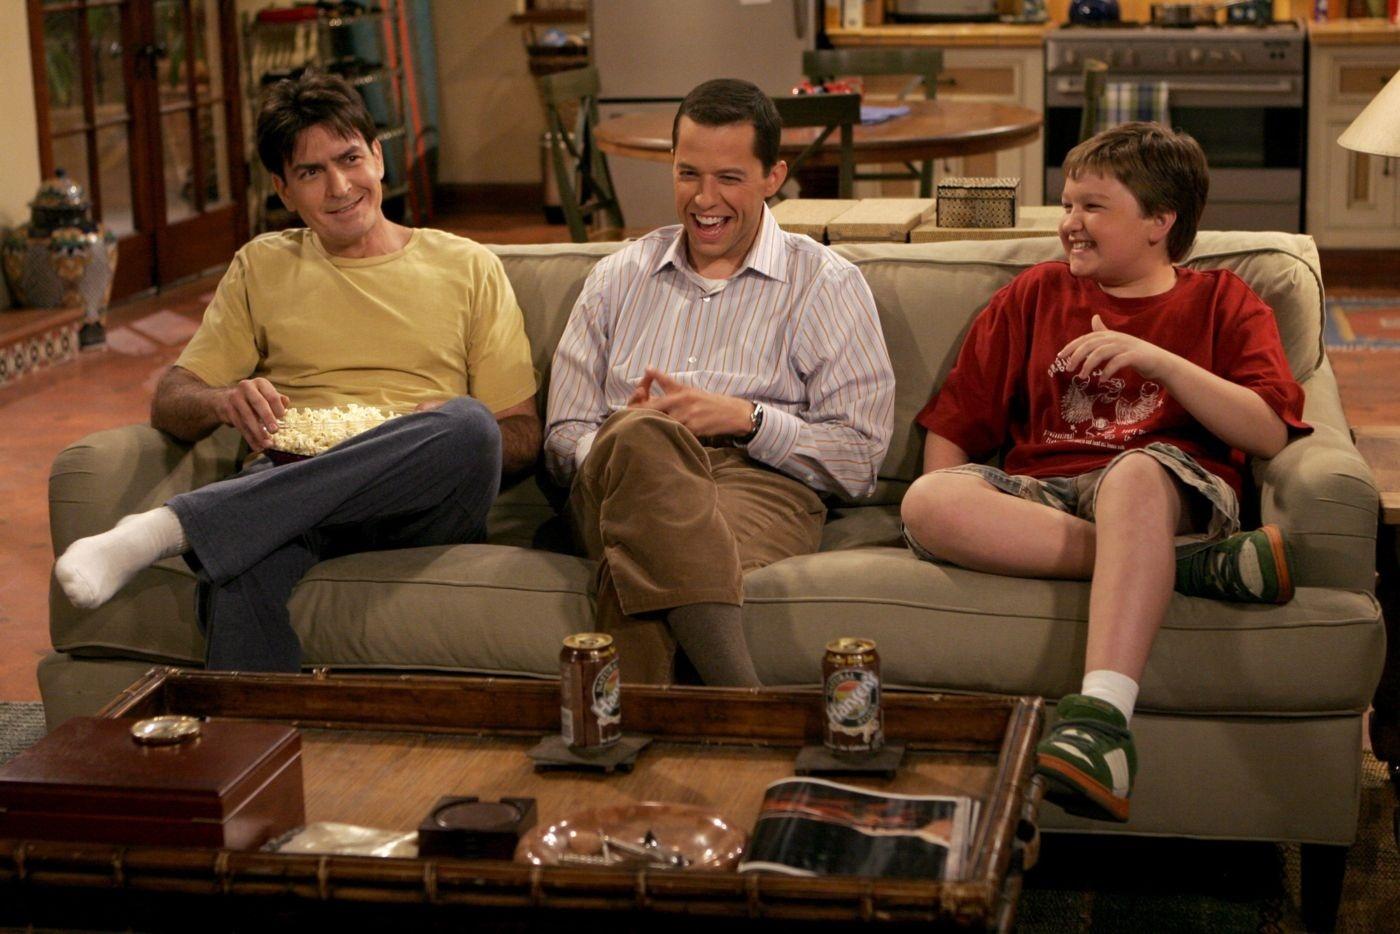 Charlie Sheen sobre su sustituto»: «Estoy cansado de fingir que Ashton Kutcher no da asco»